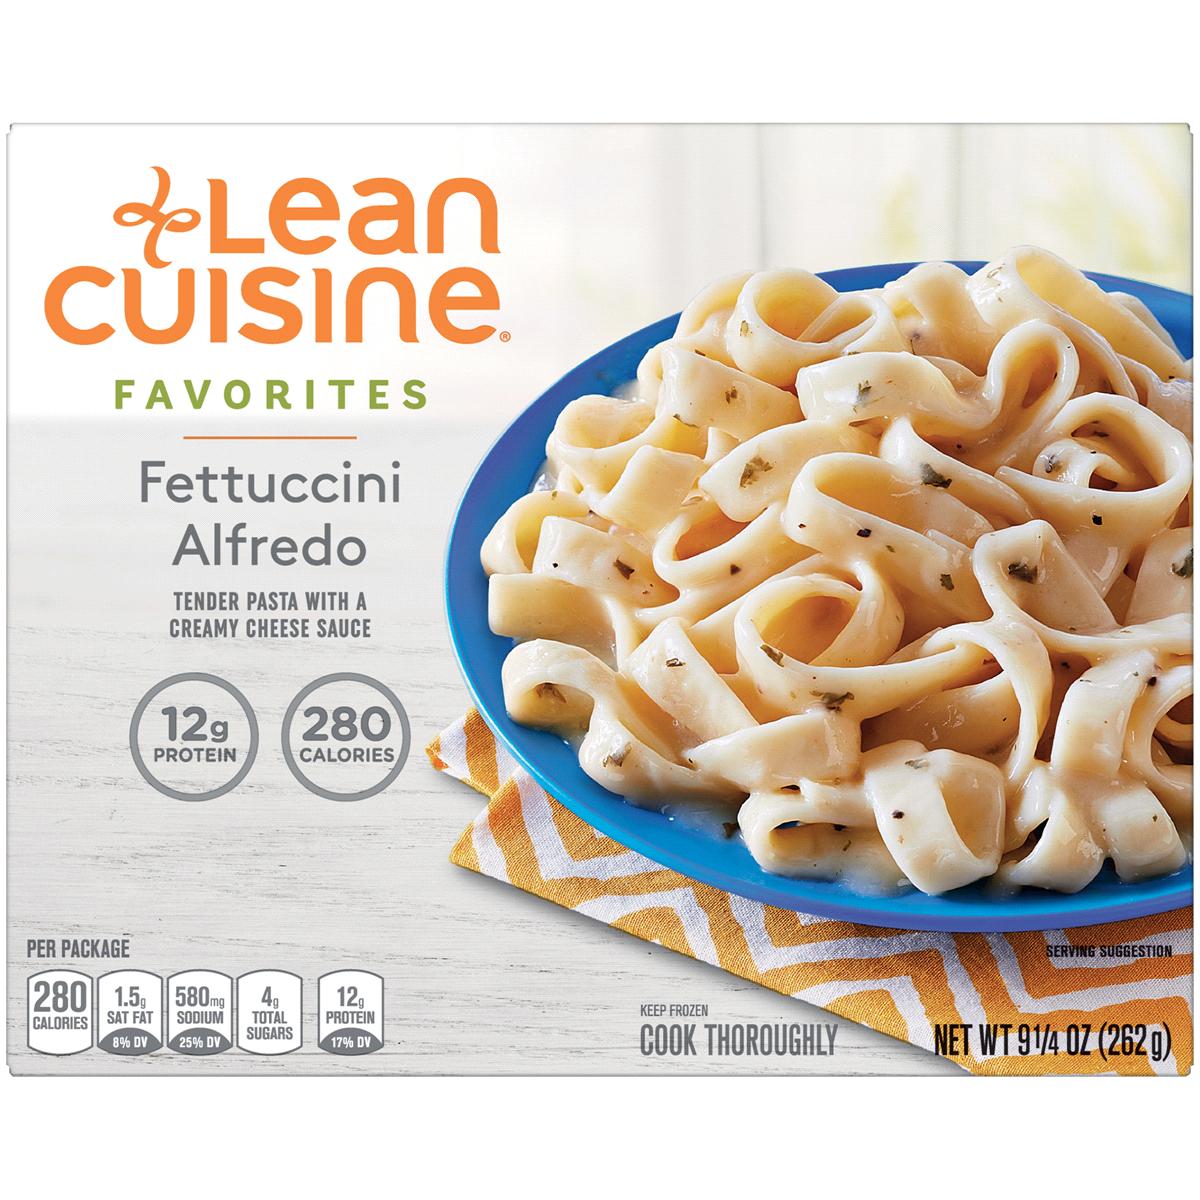 LEAN CUISINE FAVORITES Fettuccini Alfredo, 9.25 oz. Frozen.